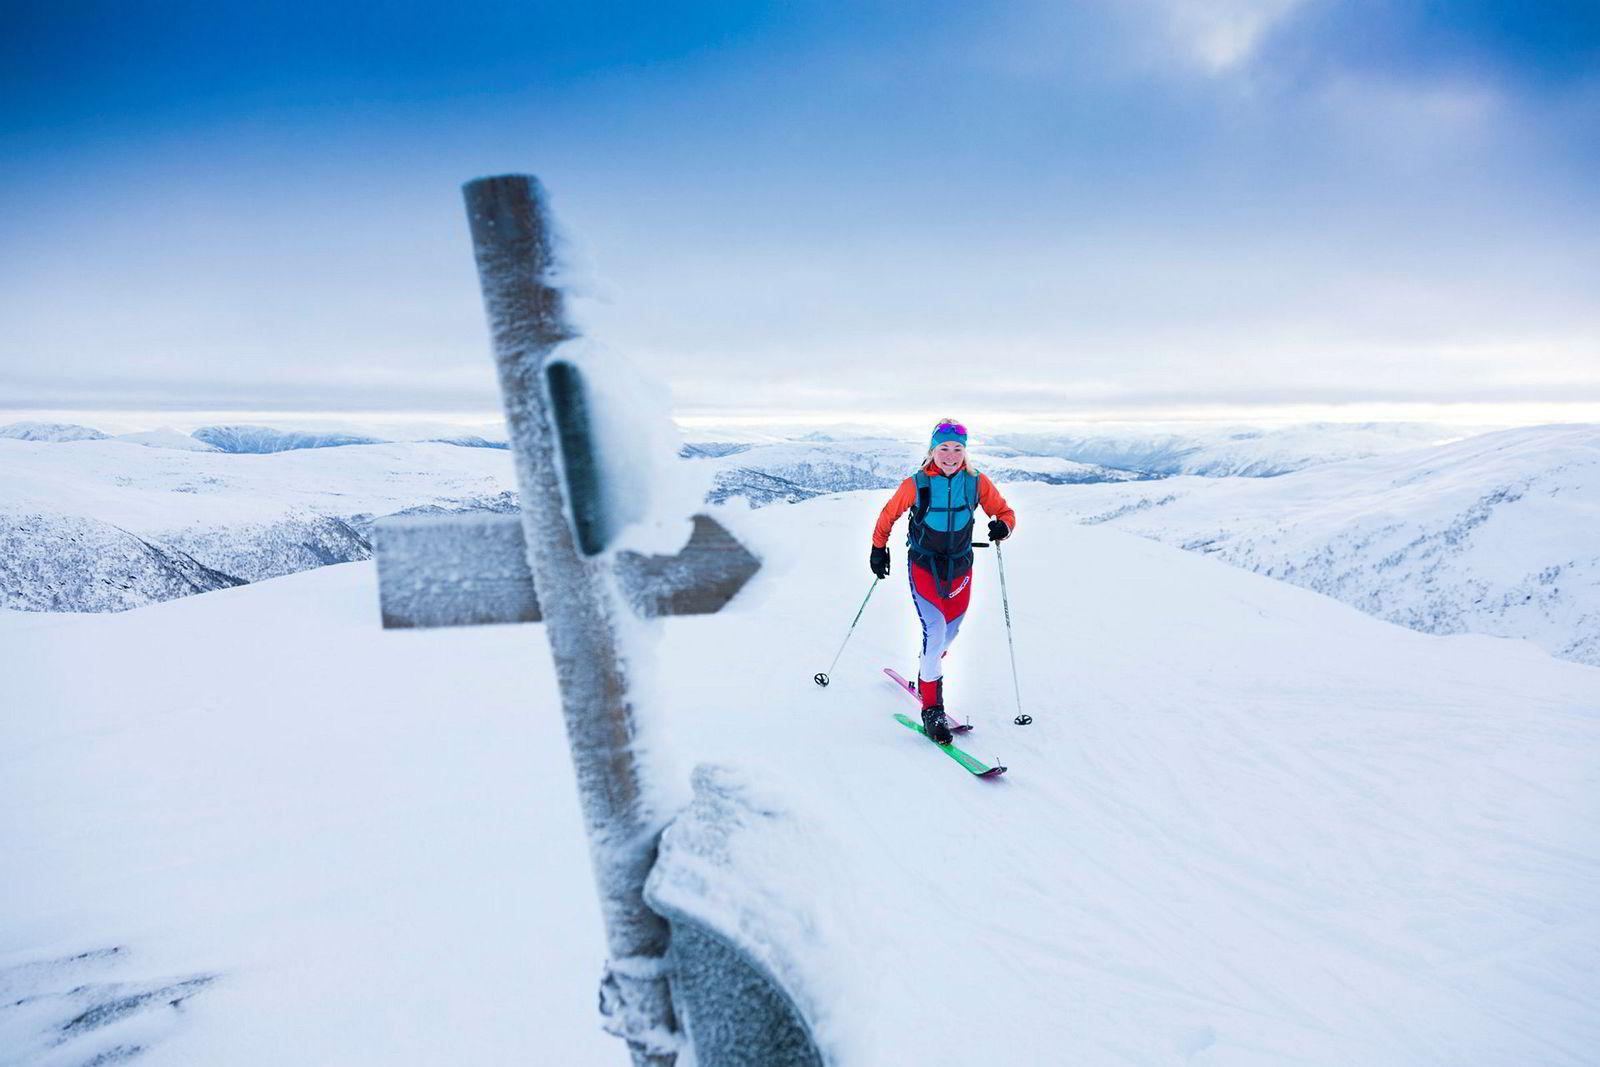 Skiltet og postkassen markerer toppen av Togga. Haukøy bruker ofte det populære toppturfjellet under øktene sine. Treningen forbereder henne på alt fra sprinter på fire minutter, rene motbakkerenn, normale konkurranser på halvannen til to timer og lange lagkonkurranser gjennom Alpene.